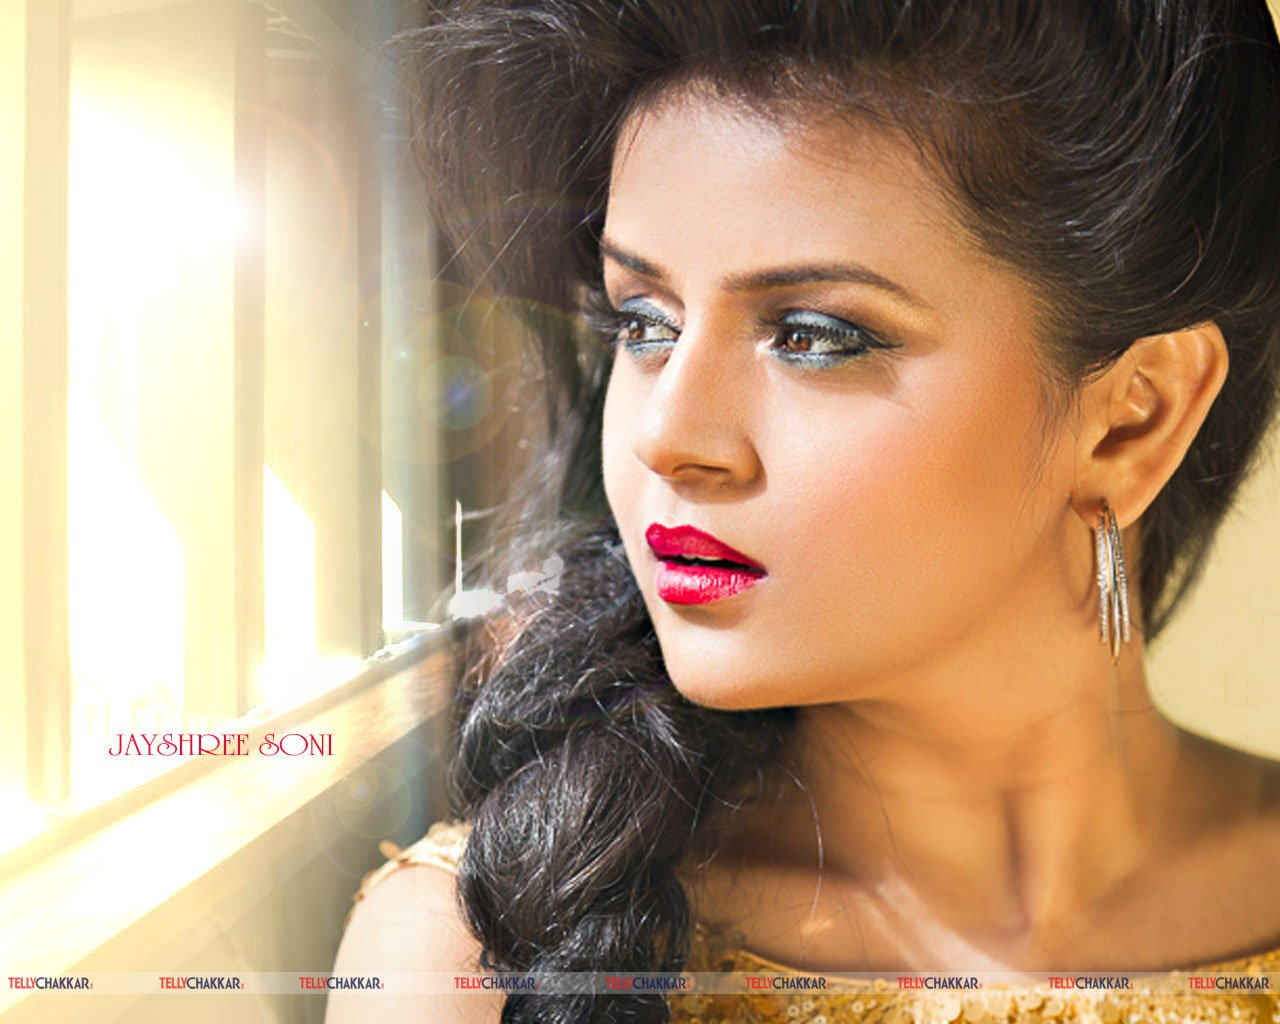 Jayshree Soni 2010